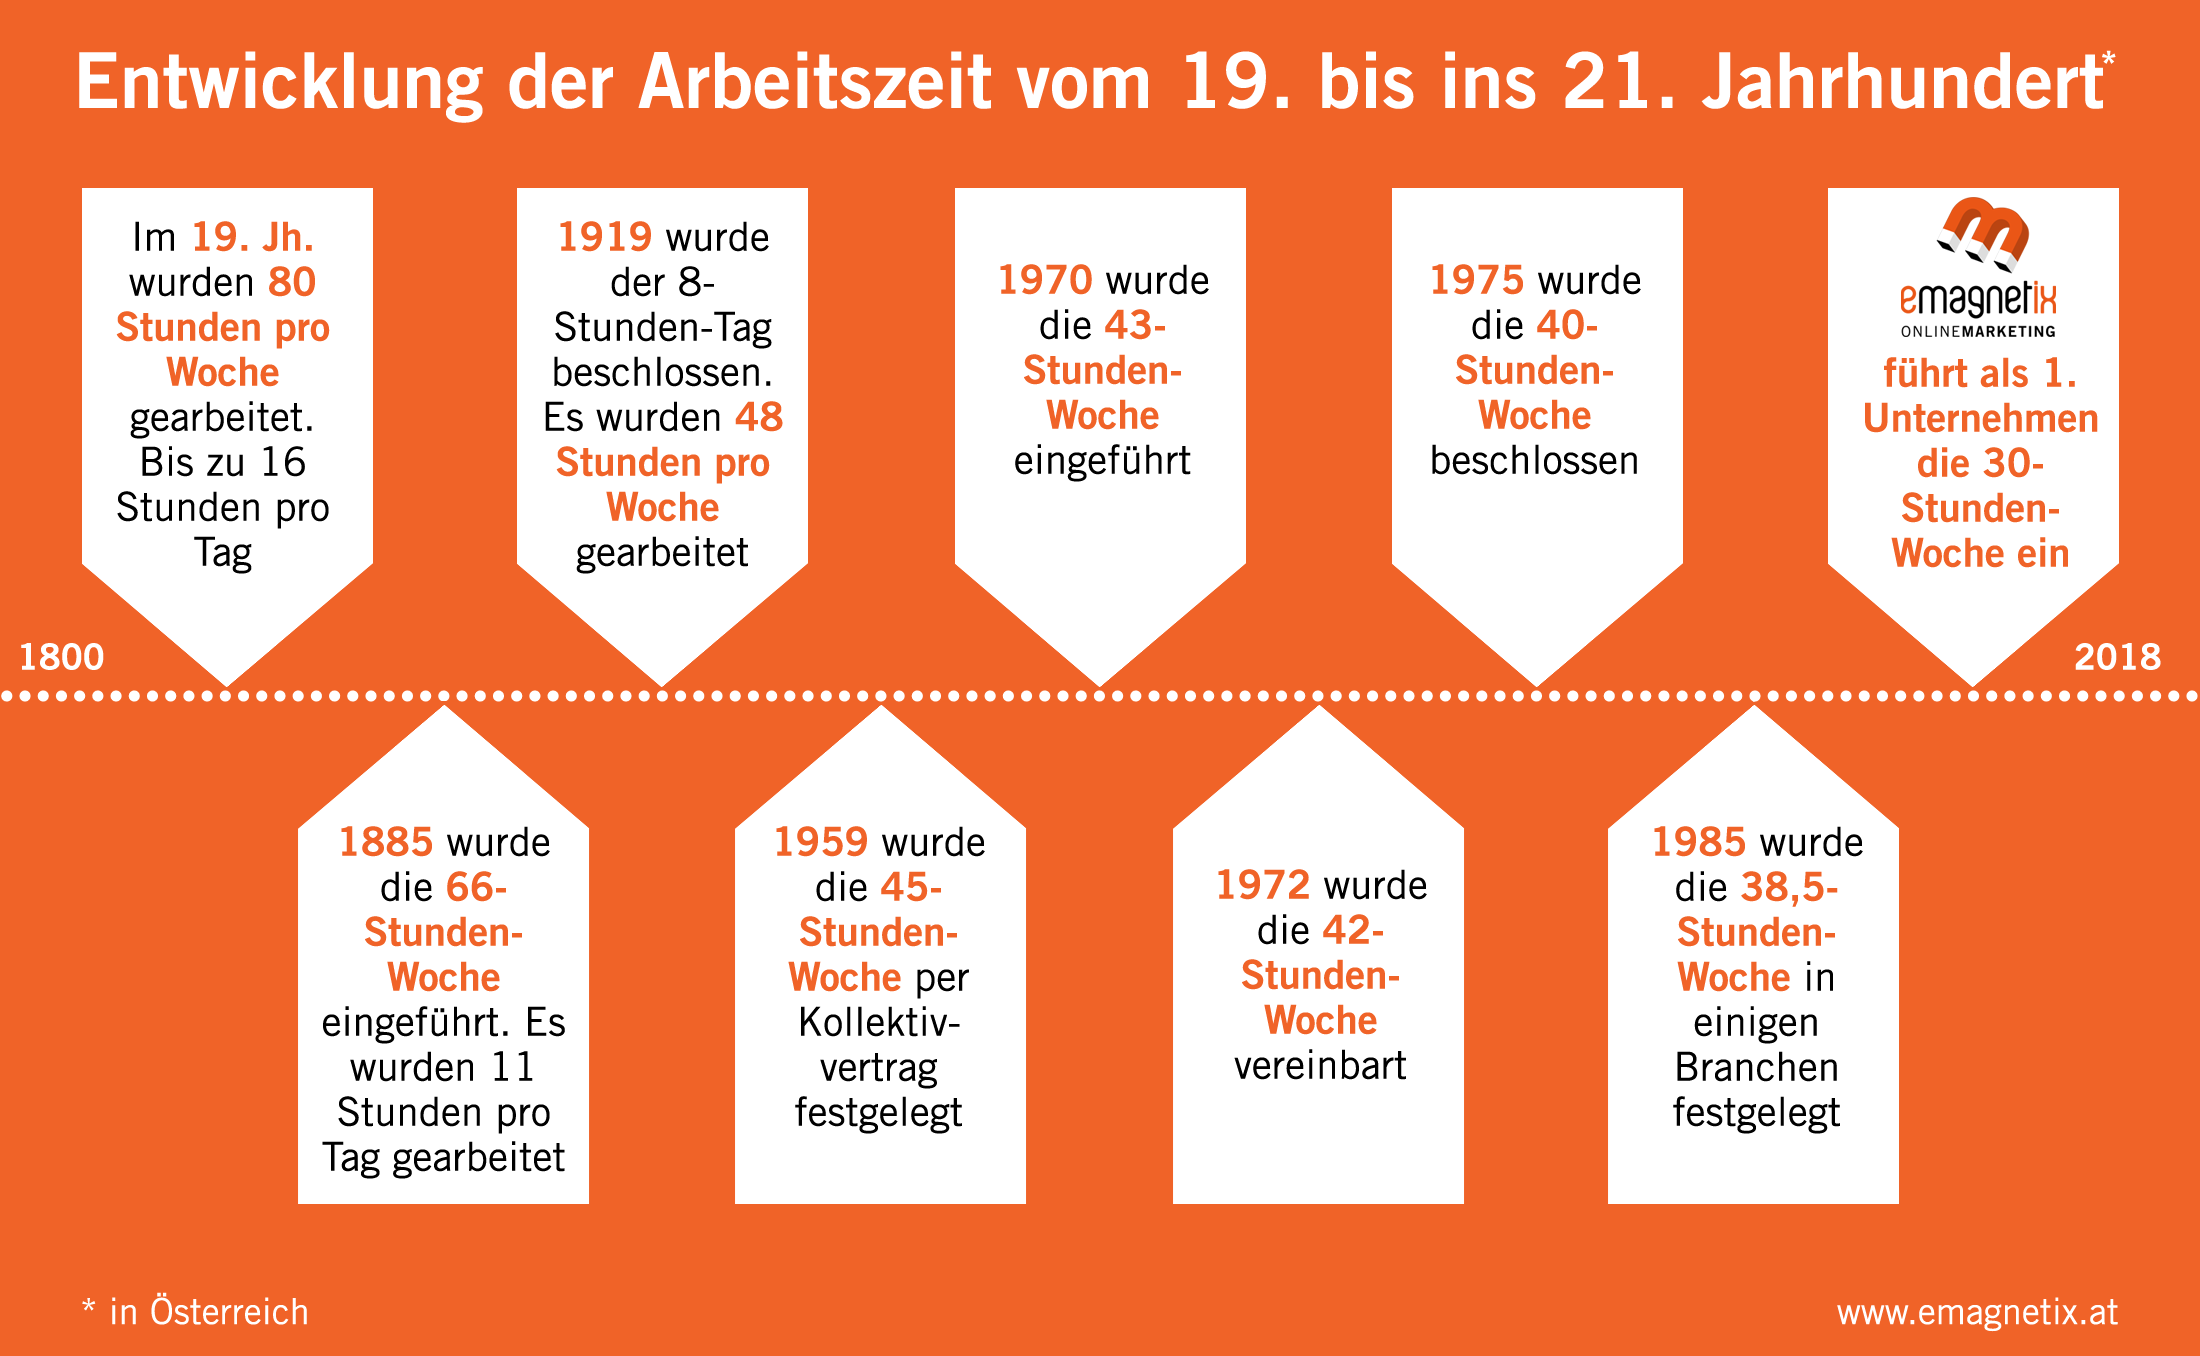 Wie die Arbeitszeit seit dem 19. Jhdt. in Österreich reduziert wurde - eMagnetix